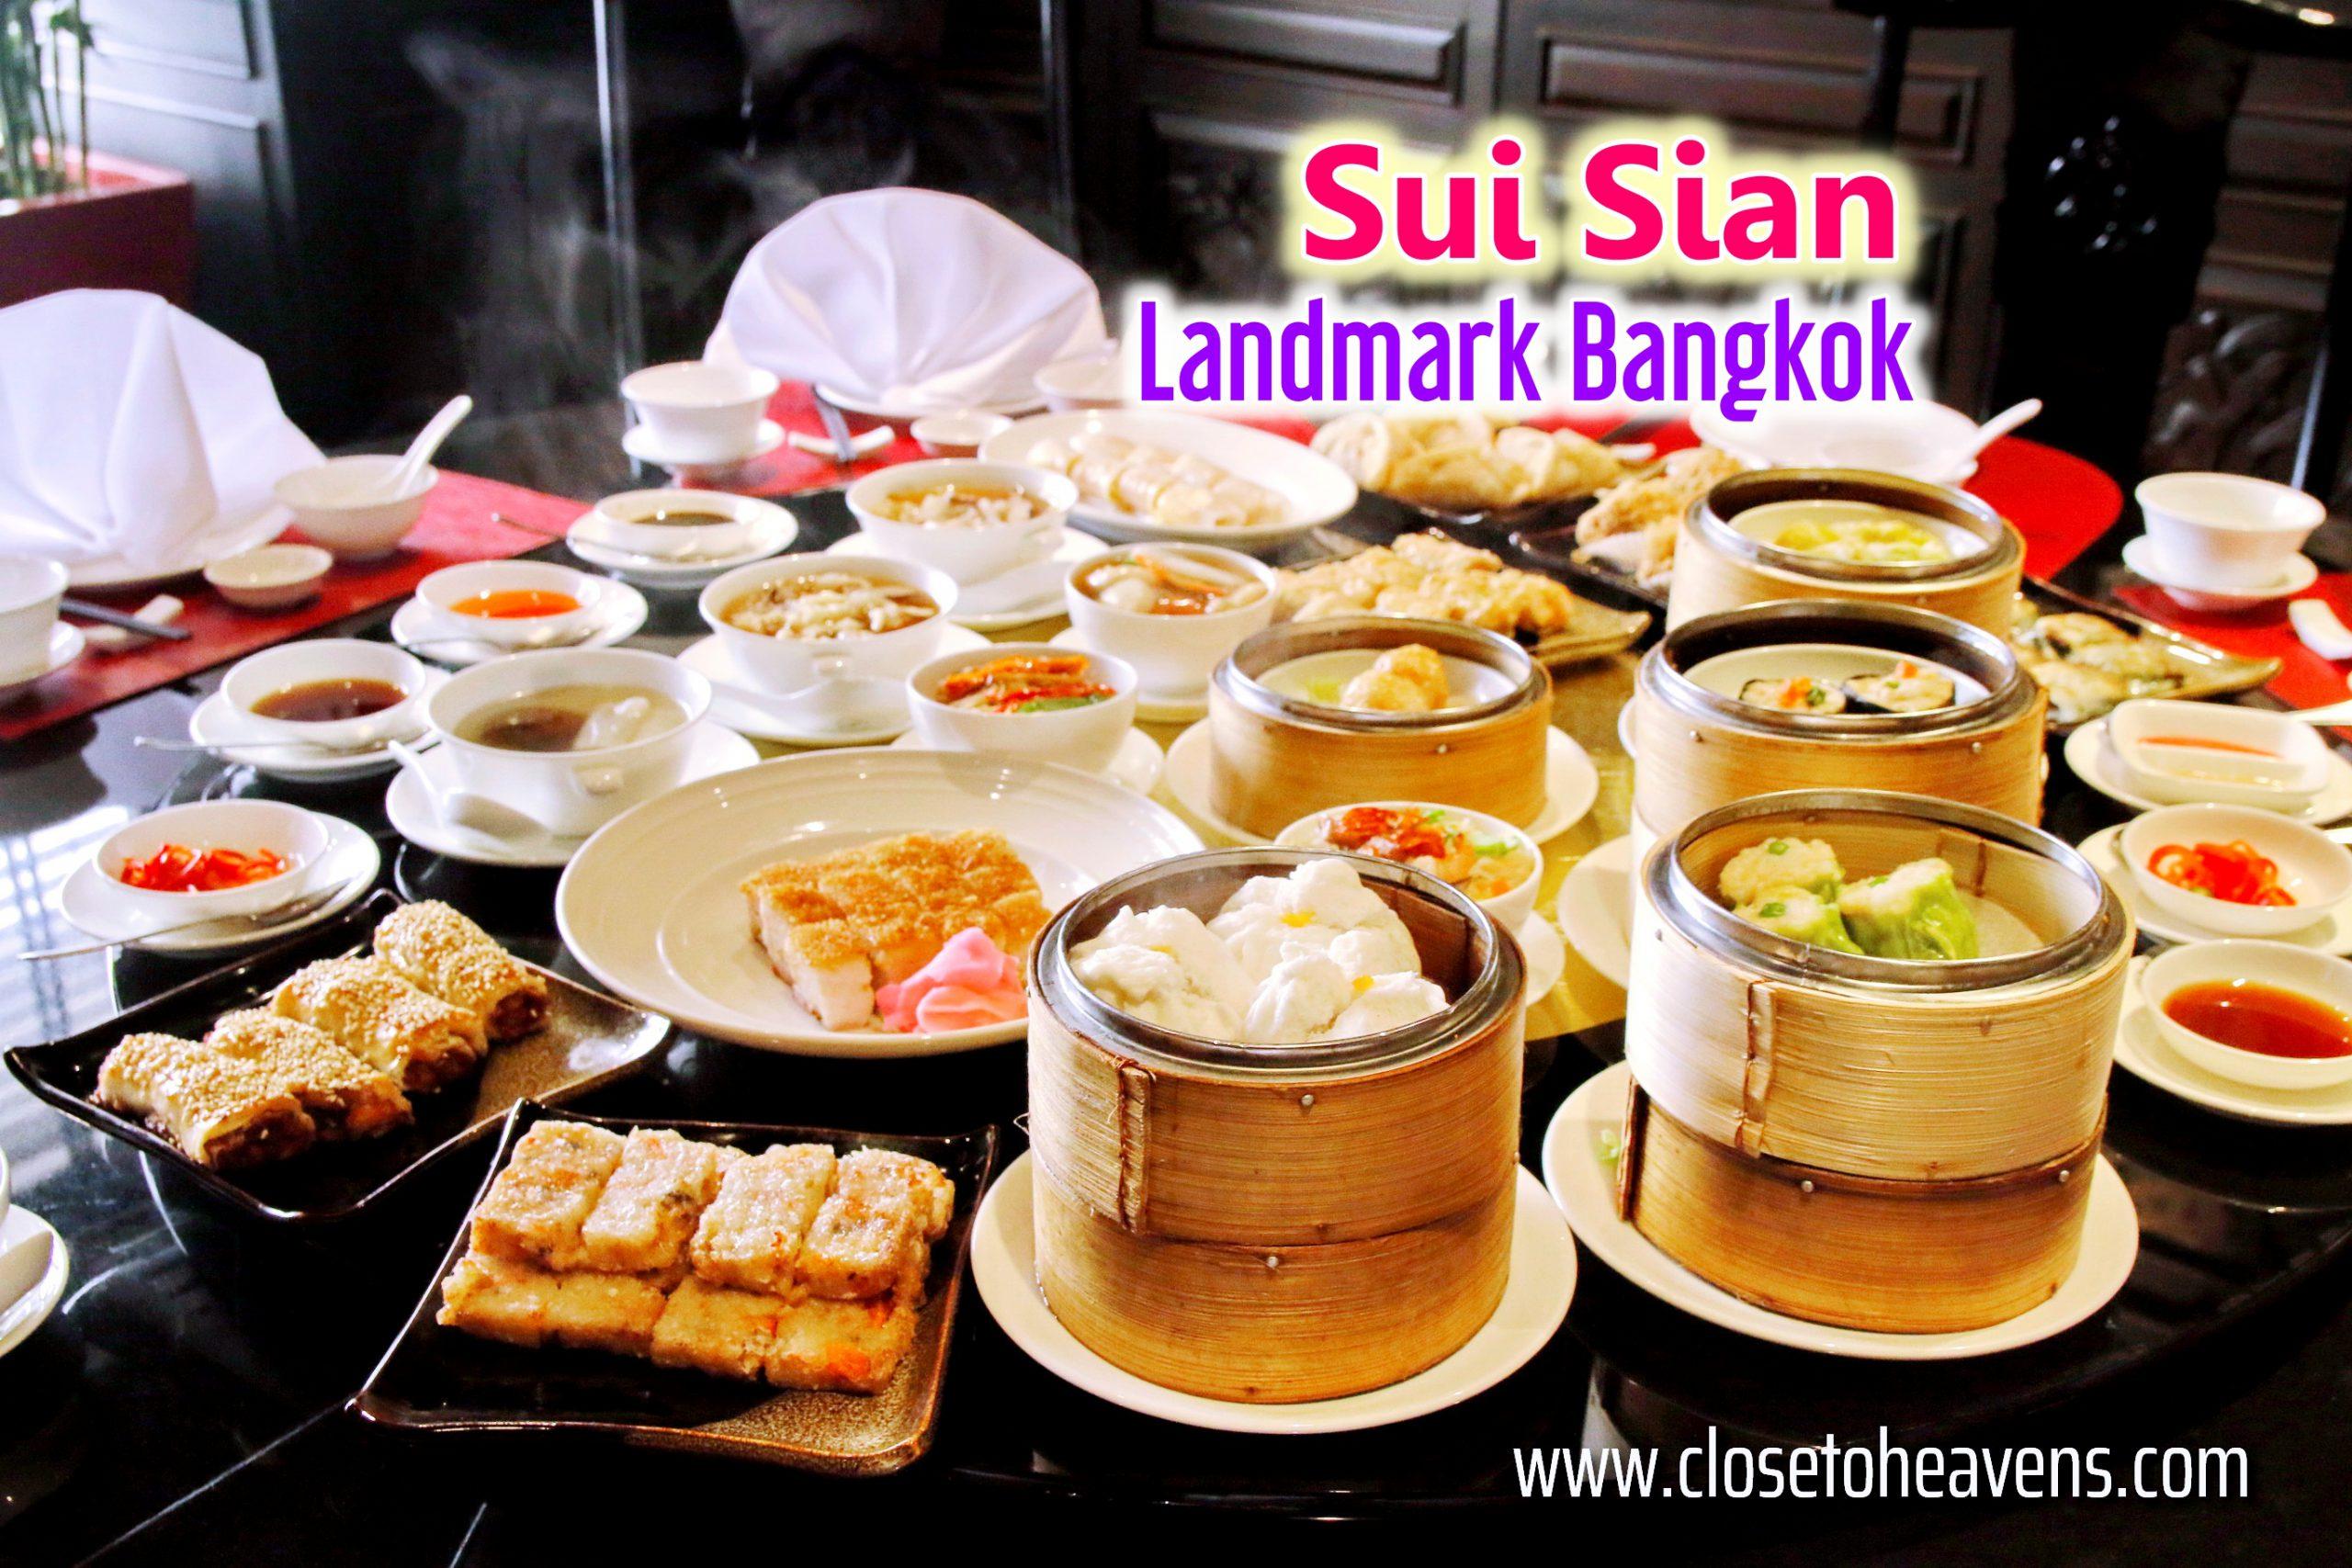 Sunday Brunch Dim Sum Buffet Sui Sian Landmark Bangkok